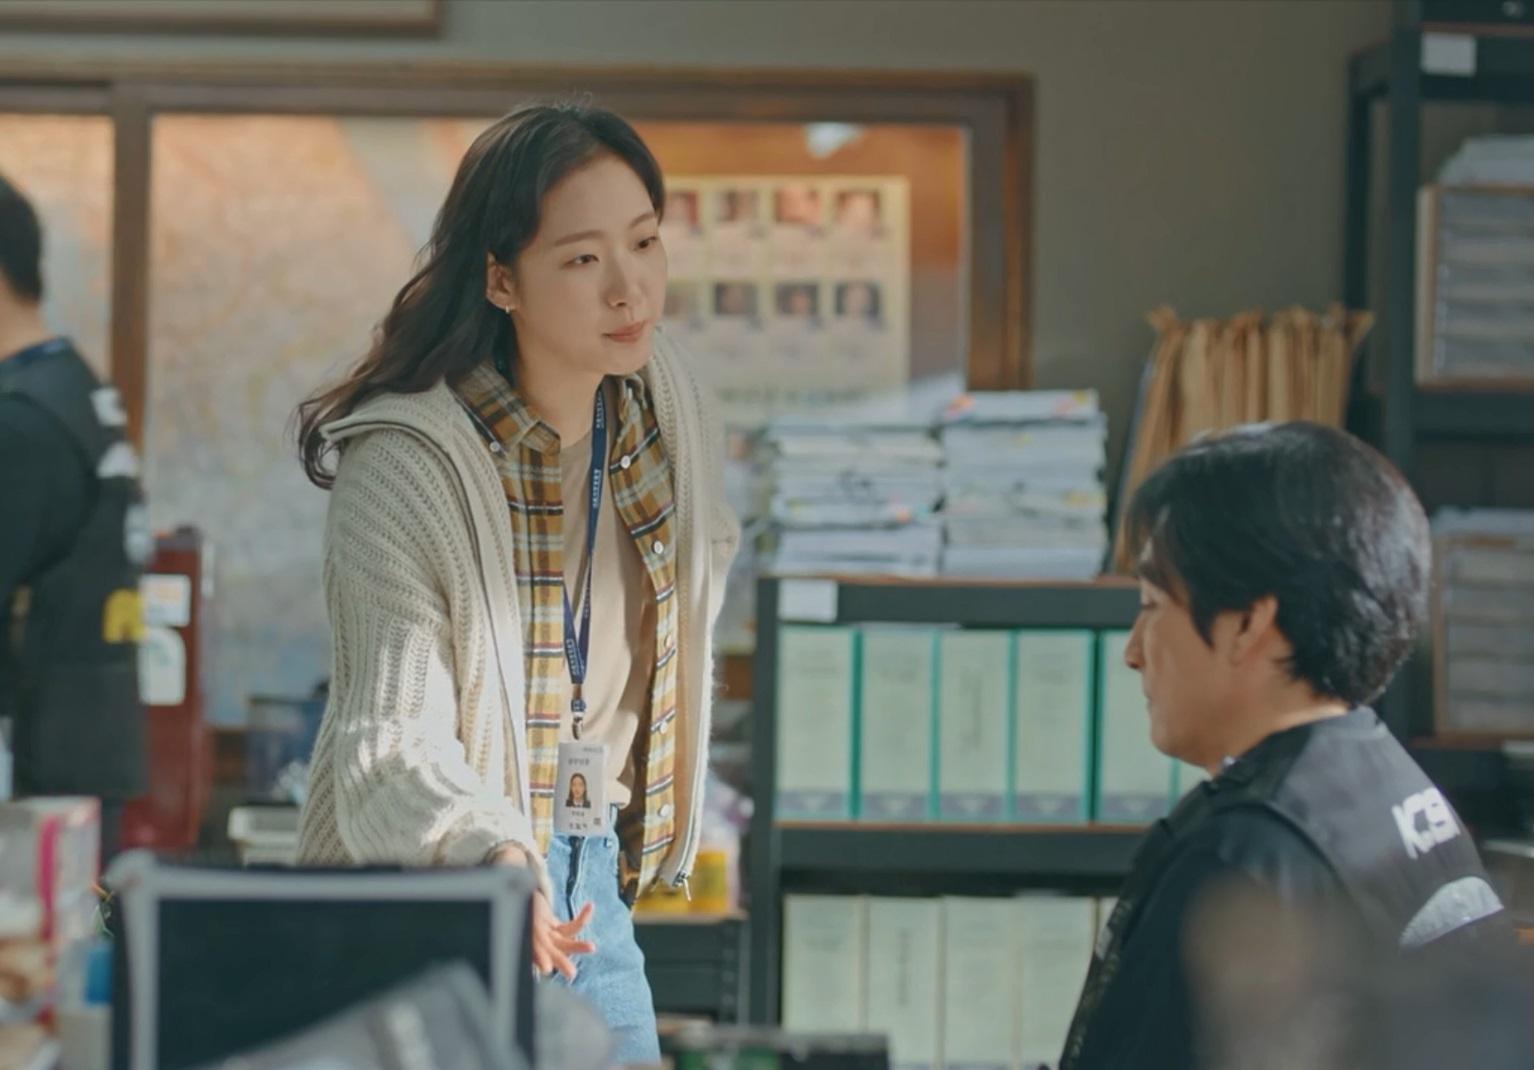 کیم گو اون در  سریال کره ای پادشاه: سلطنت ابدی (The King: Eternal Monarch)